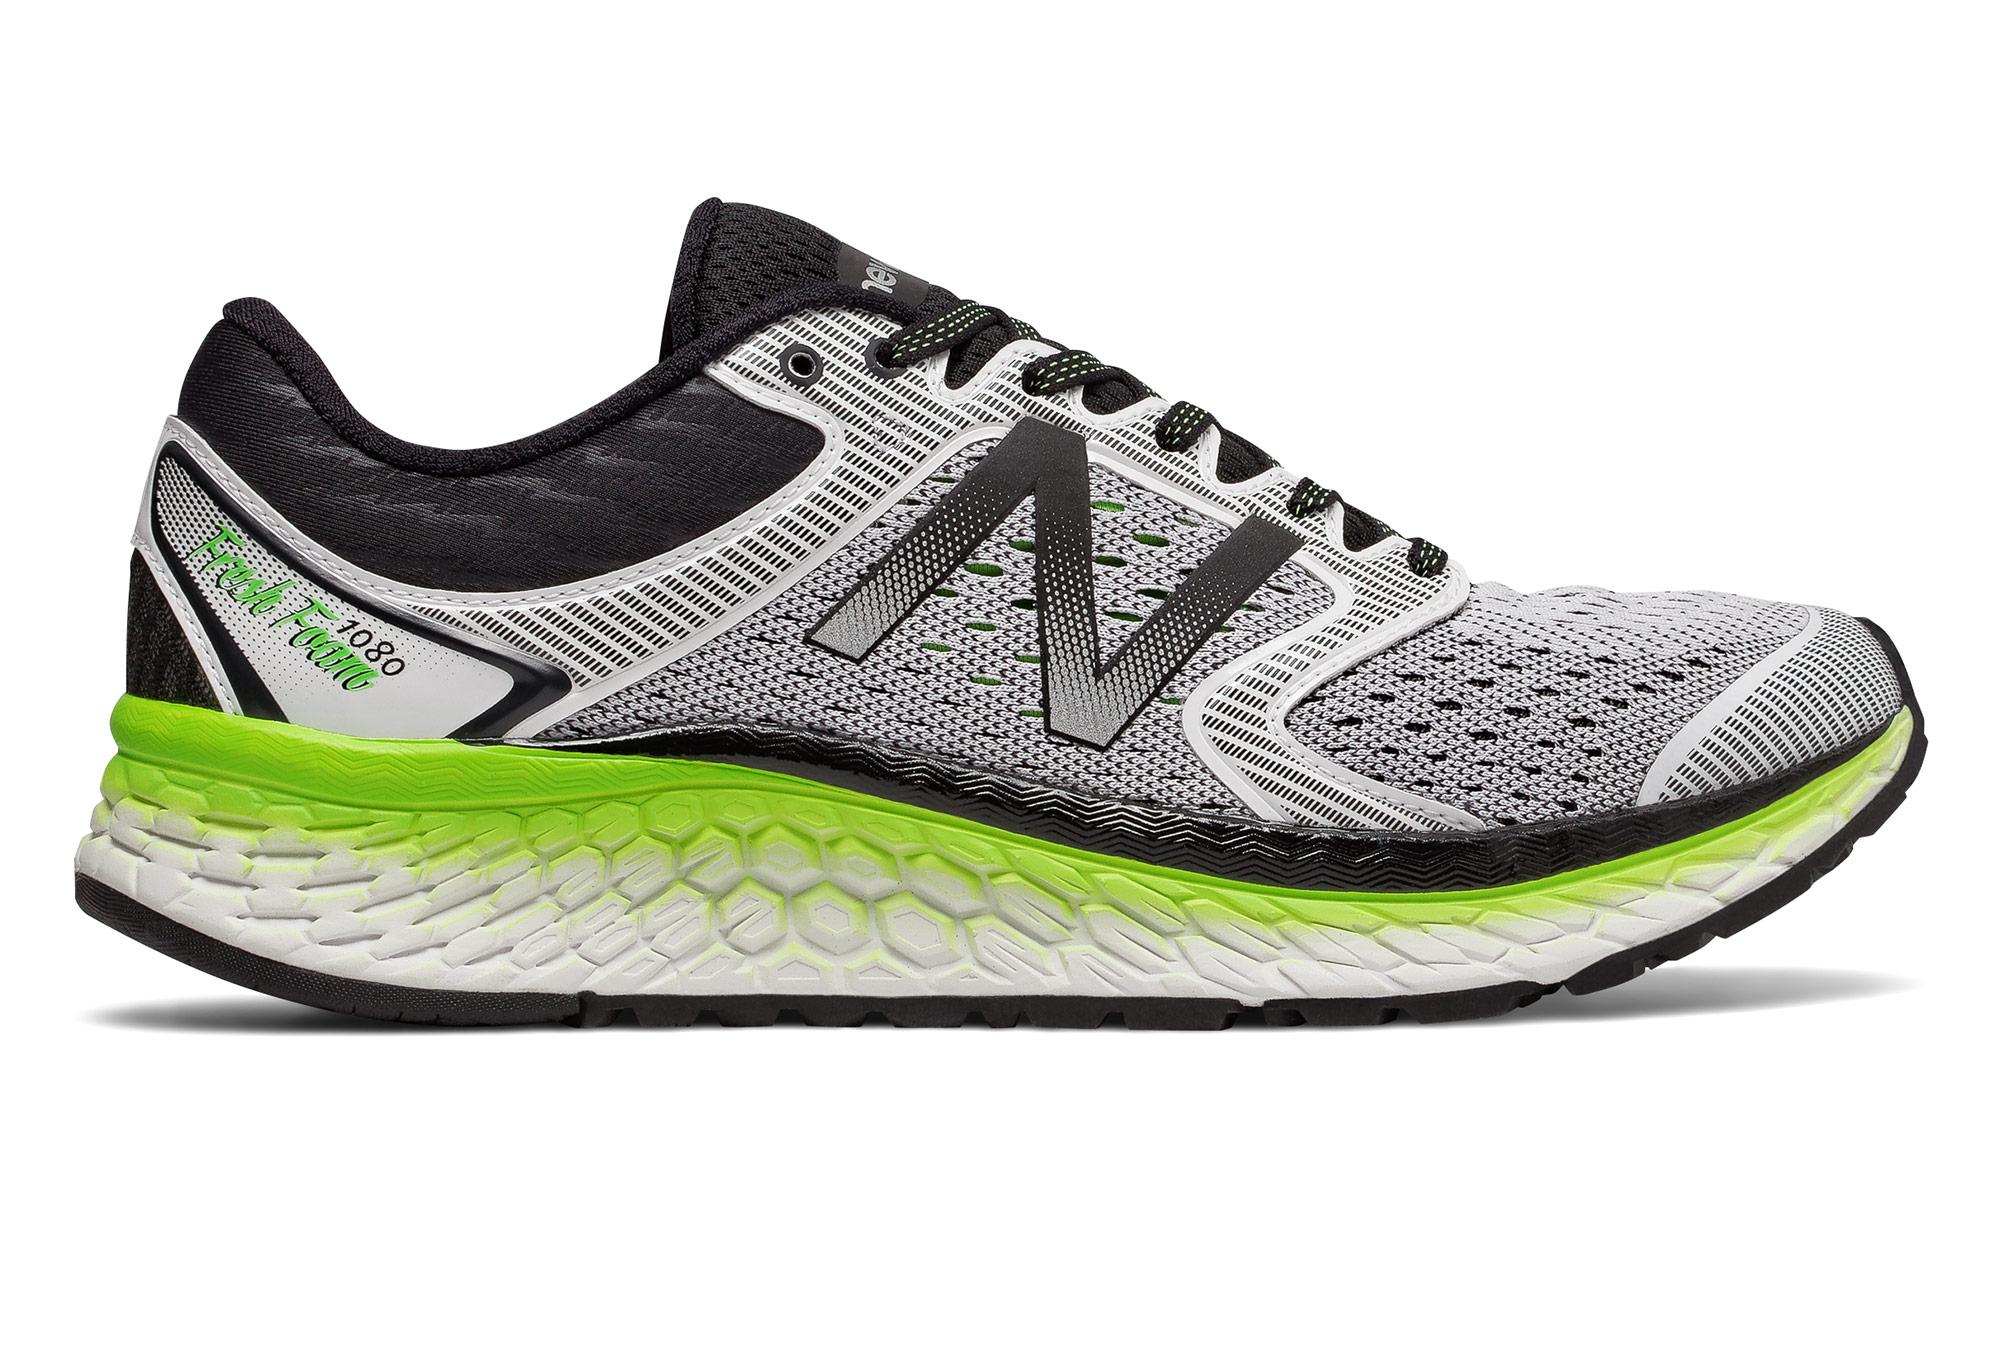 Vert Froam V7 Chaussures De Running New 1080 Fresh Balance Qtsx7i Blanc ZOTWzCxw